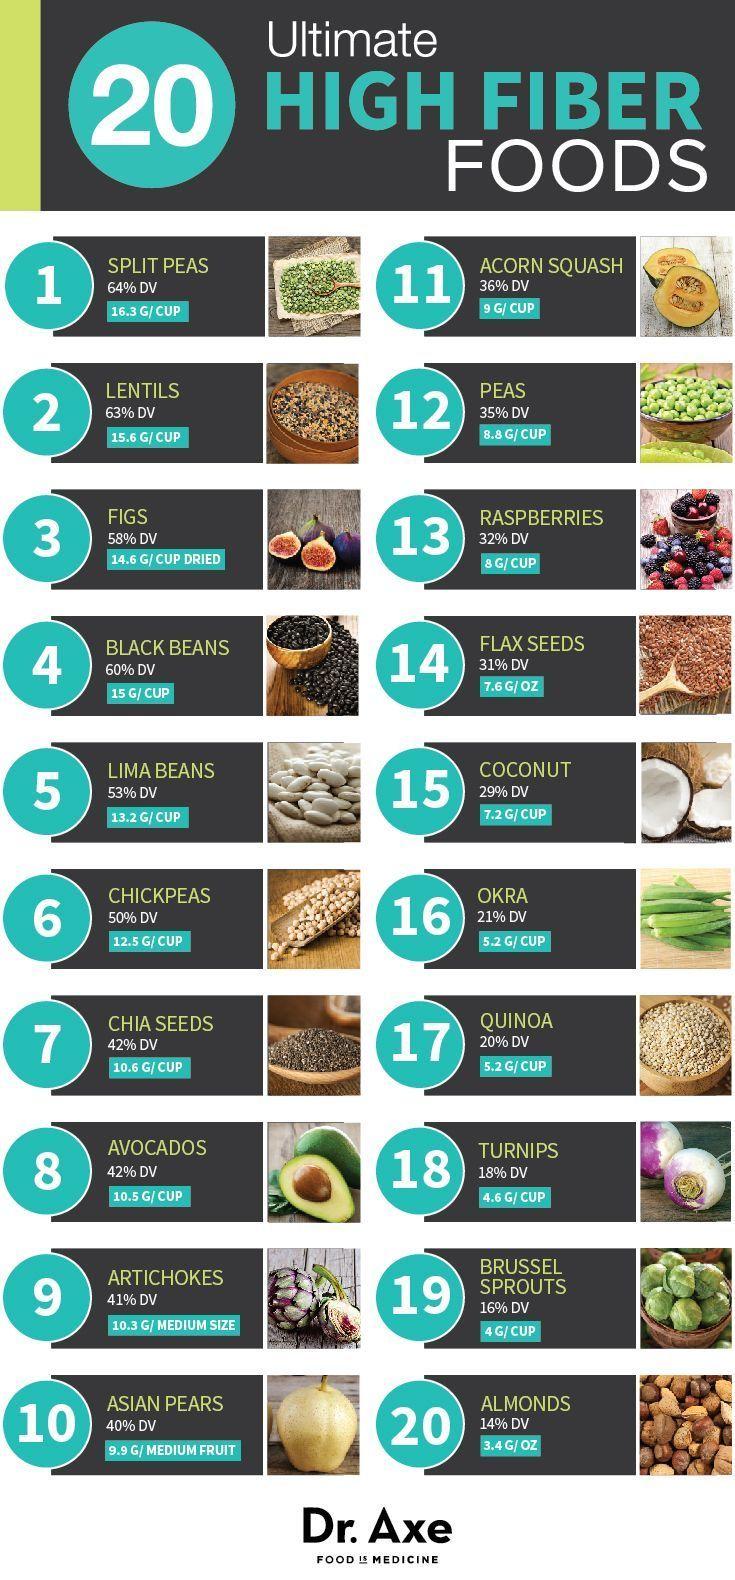 20 ultimate highfiber foods high fiber foods fiber